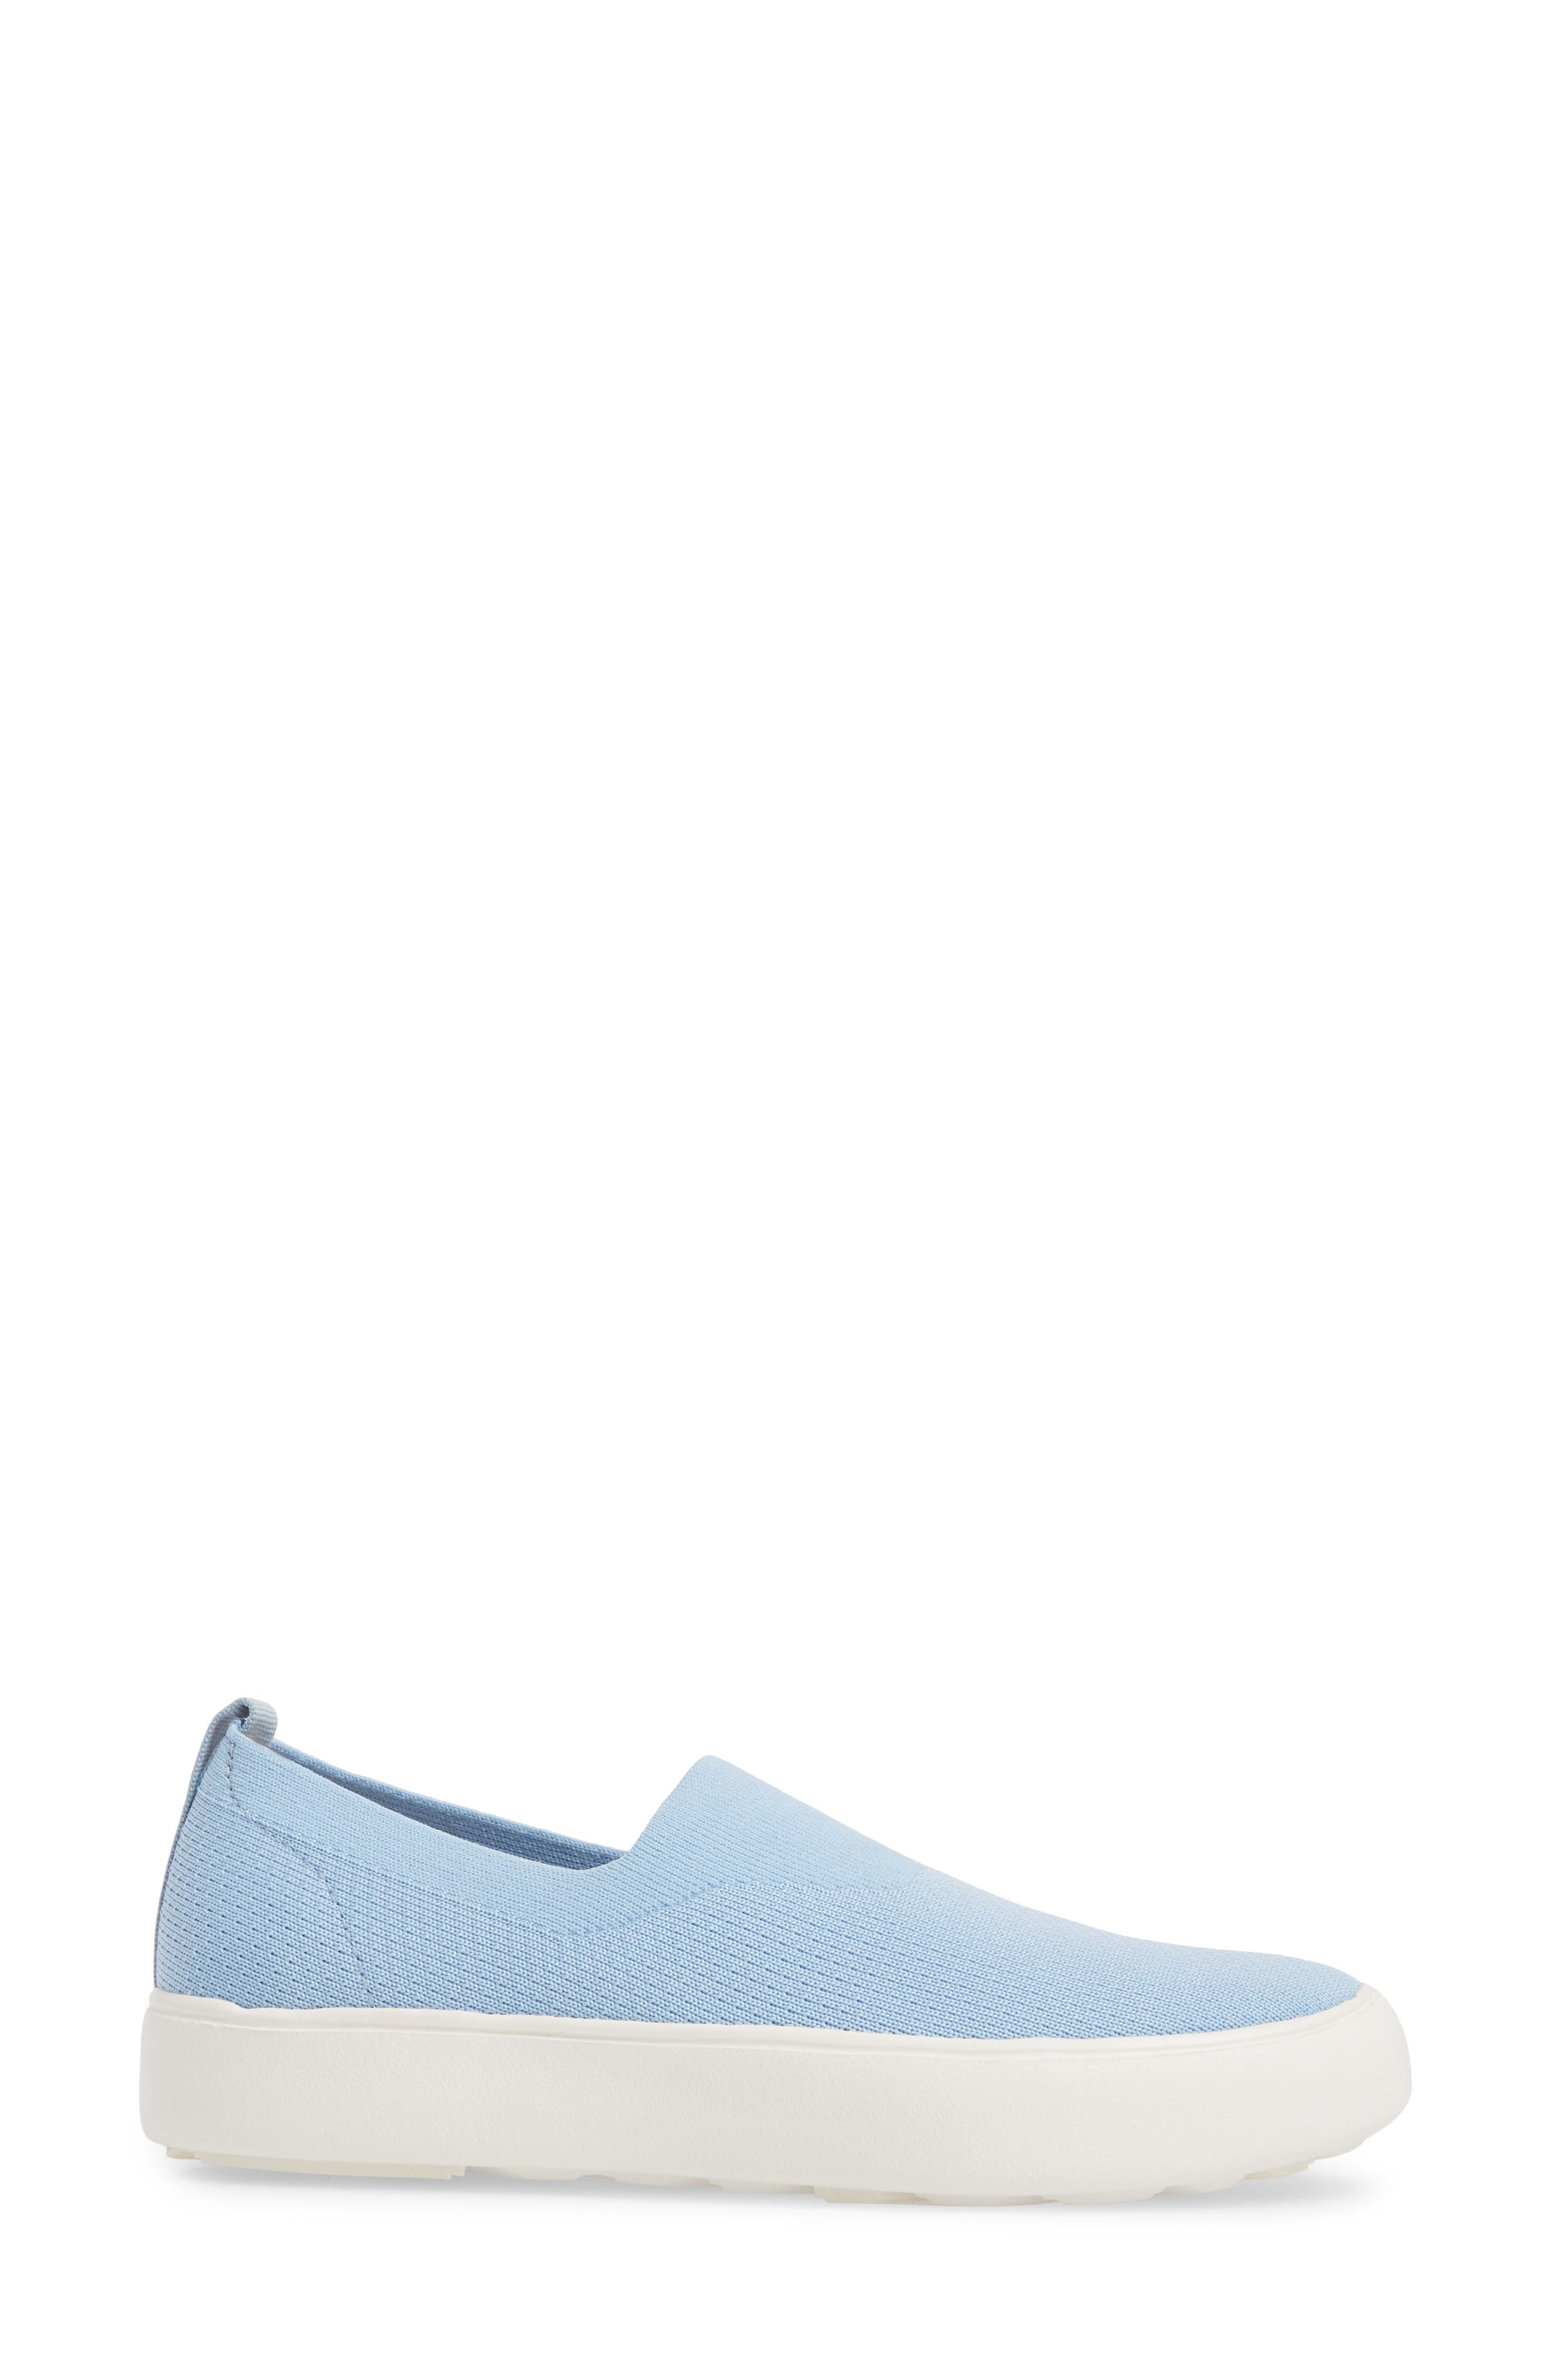 Hula Slip-On Sneaker,                             Alternate thumbnail 3, color,                             Fog Blue